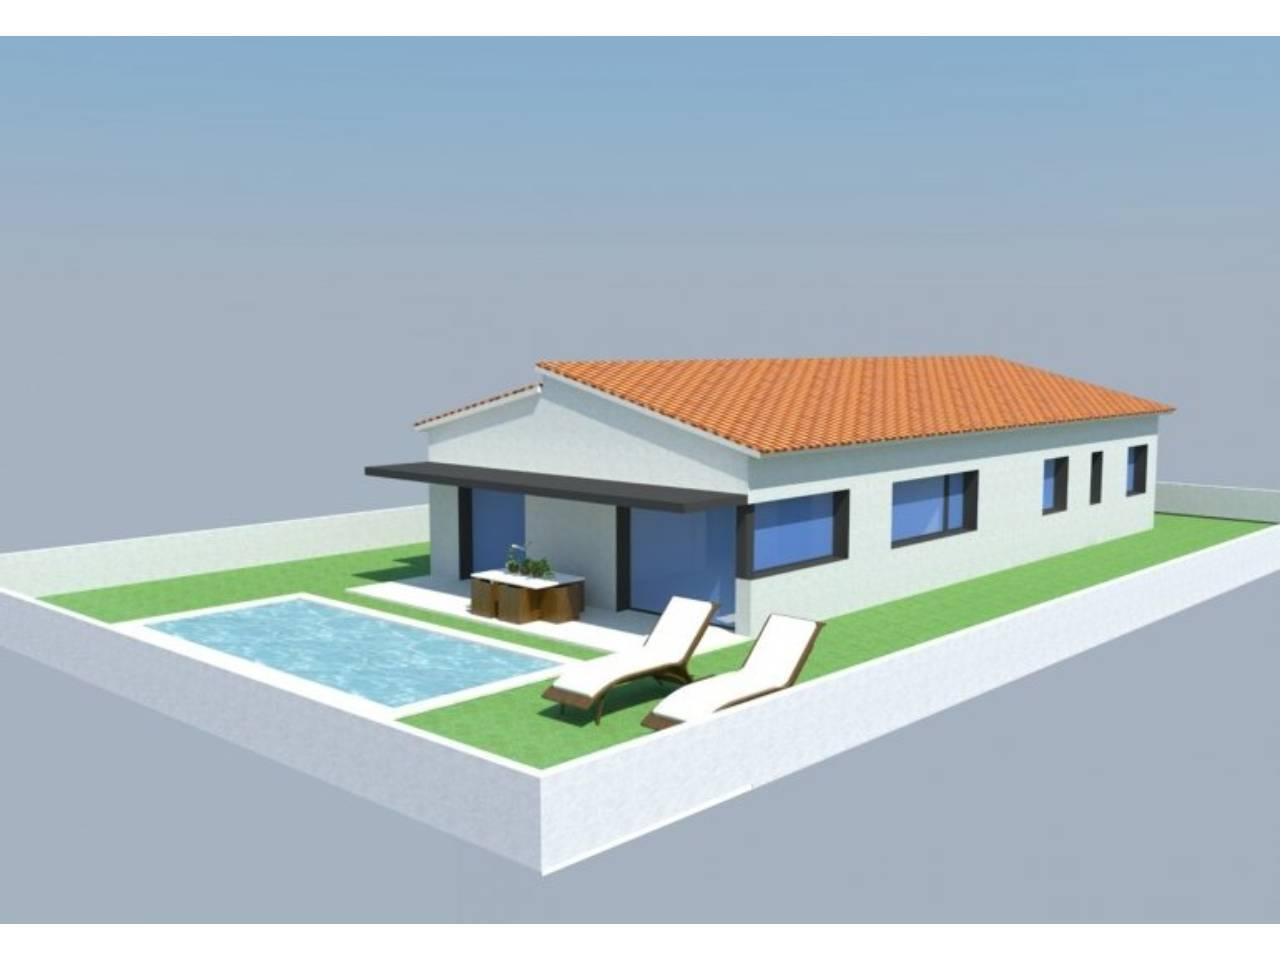 060046 - ROSES -LA GARRIGA House model ALBERA